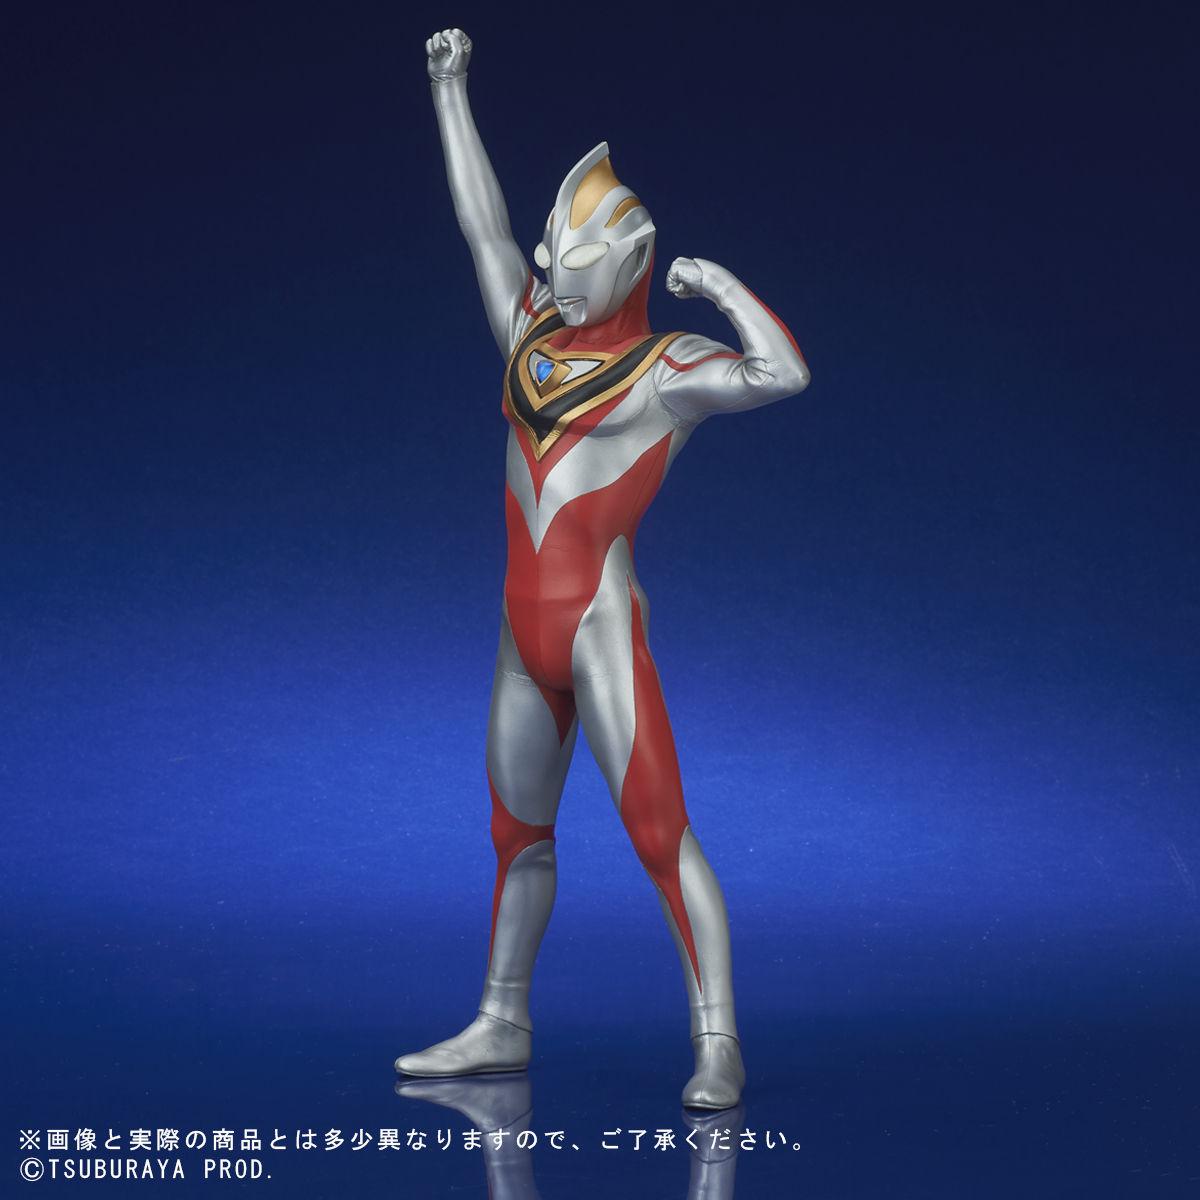 大怪獣シリーズ ULTRA NEW GENERATION『ウルトラマンガイア(V2)登場ポーズ』完成品フィギュア-003